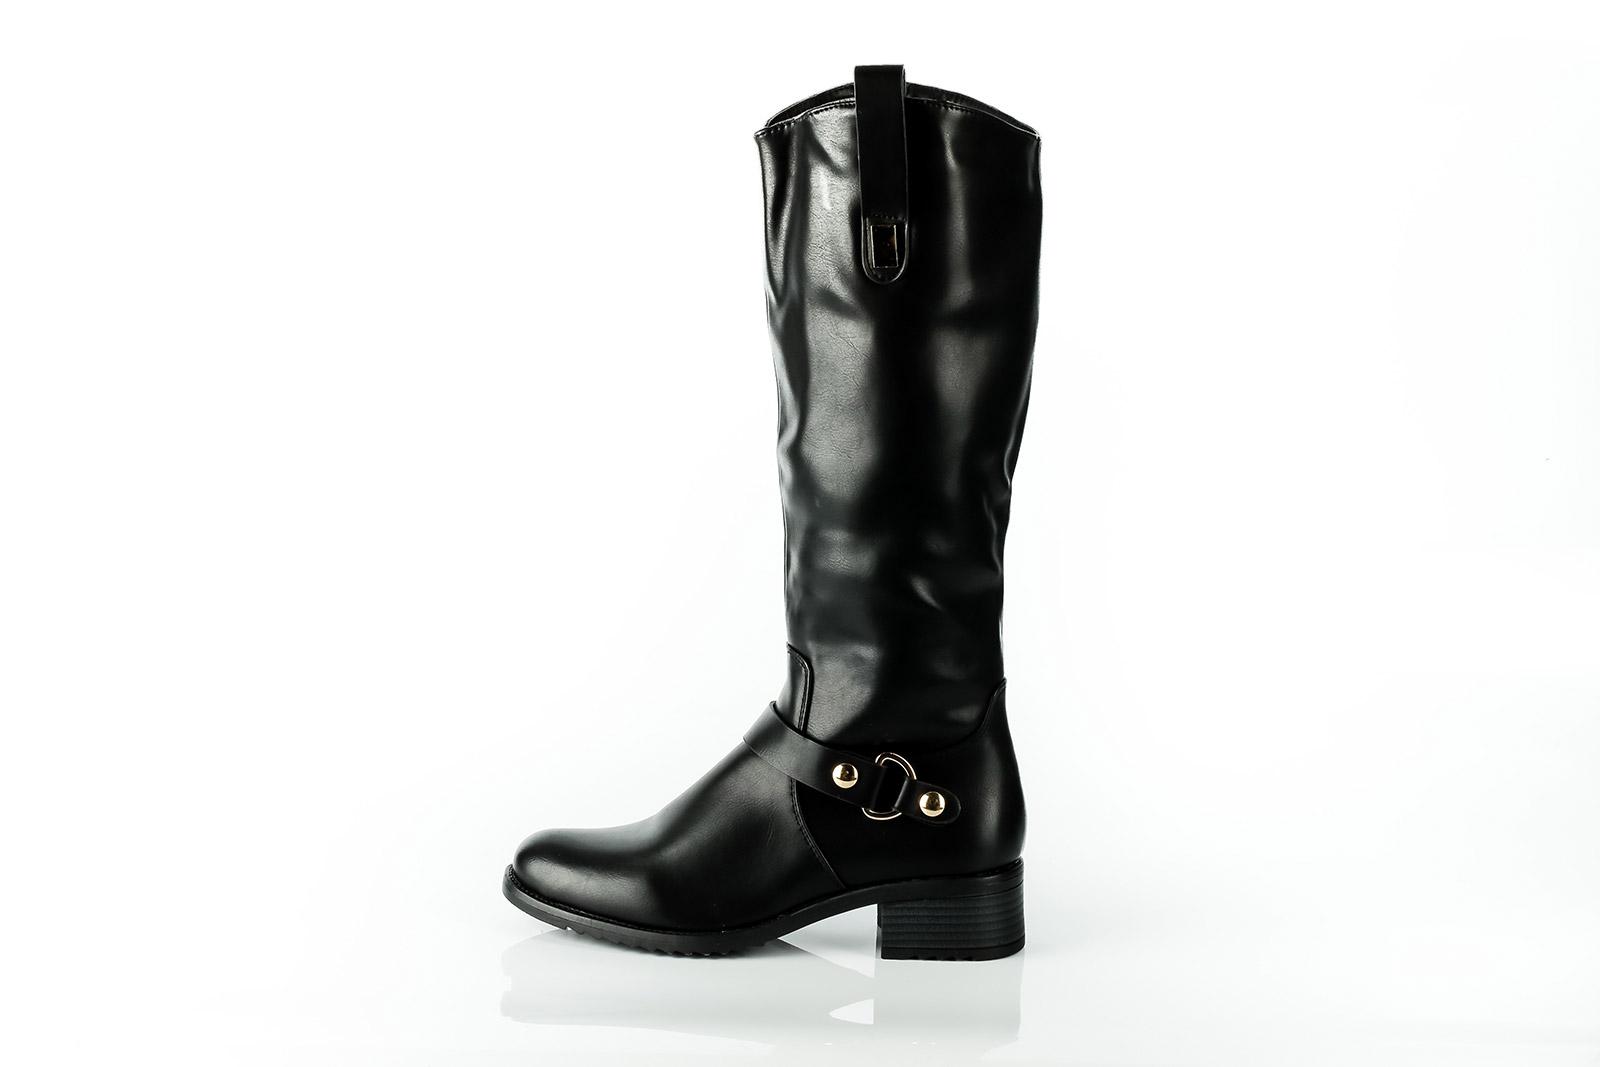 Glänzender Lederstiefel, ausgestopft und auf spiegelndem Untergrund.